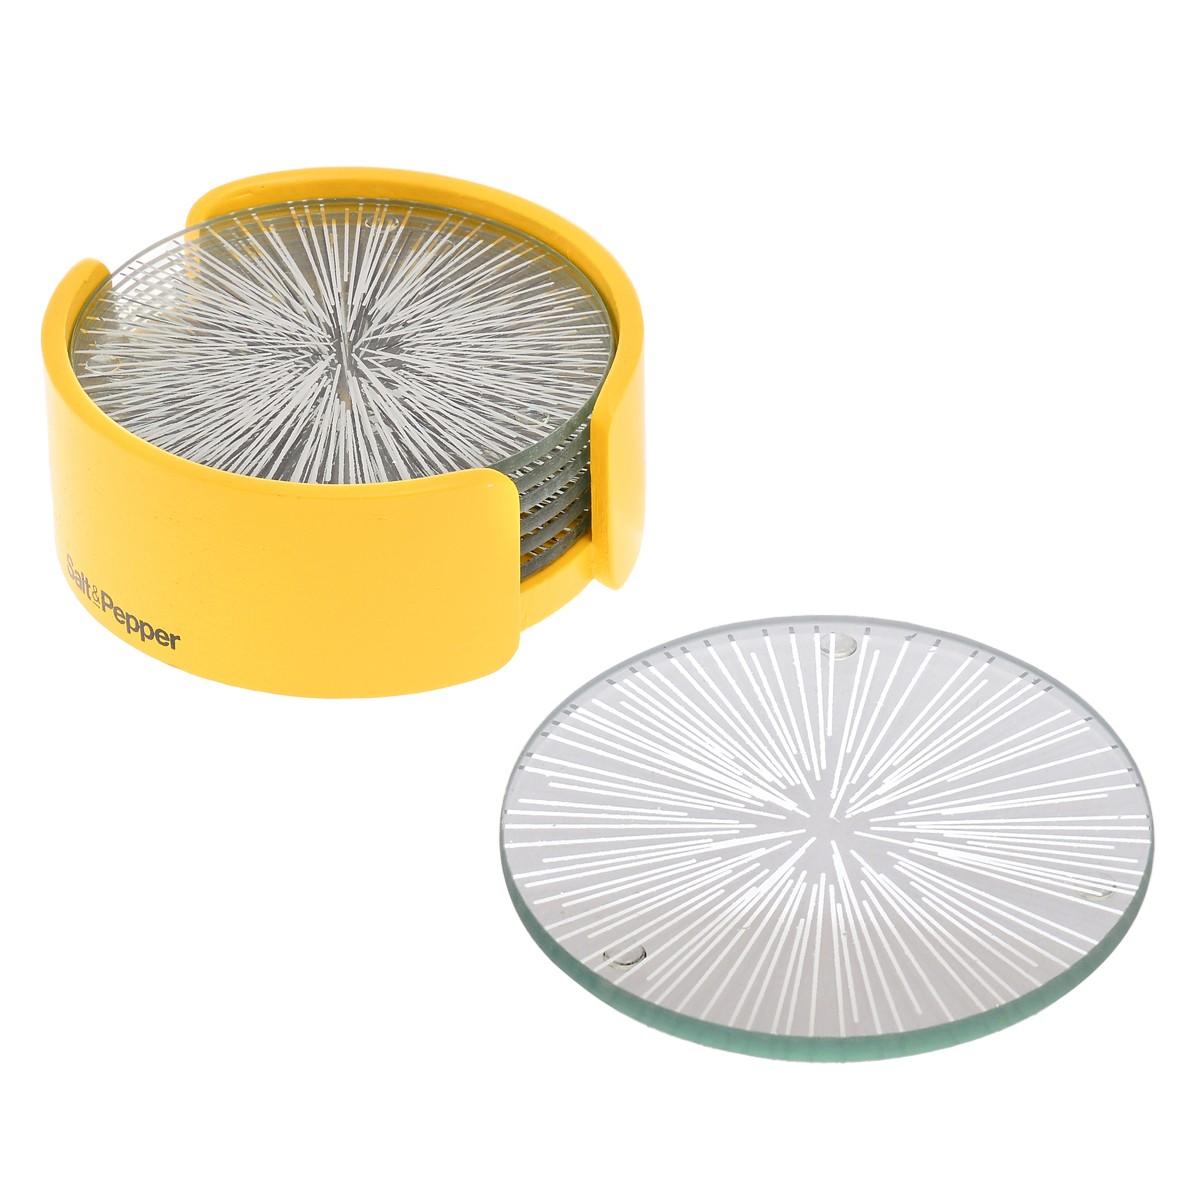 Σουβέρ (Σετ 6τμχ) Salt & Pepper Coasters BAM39929